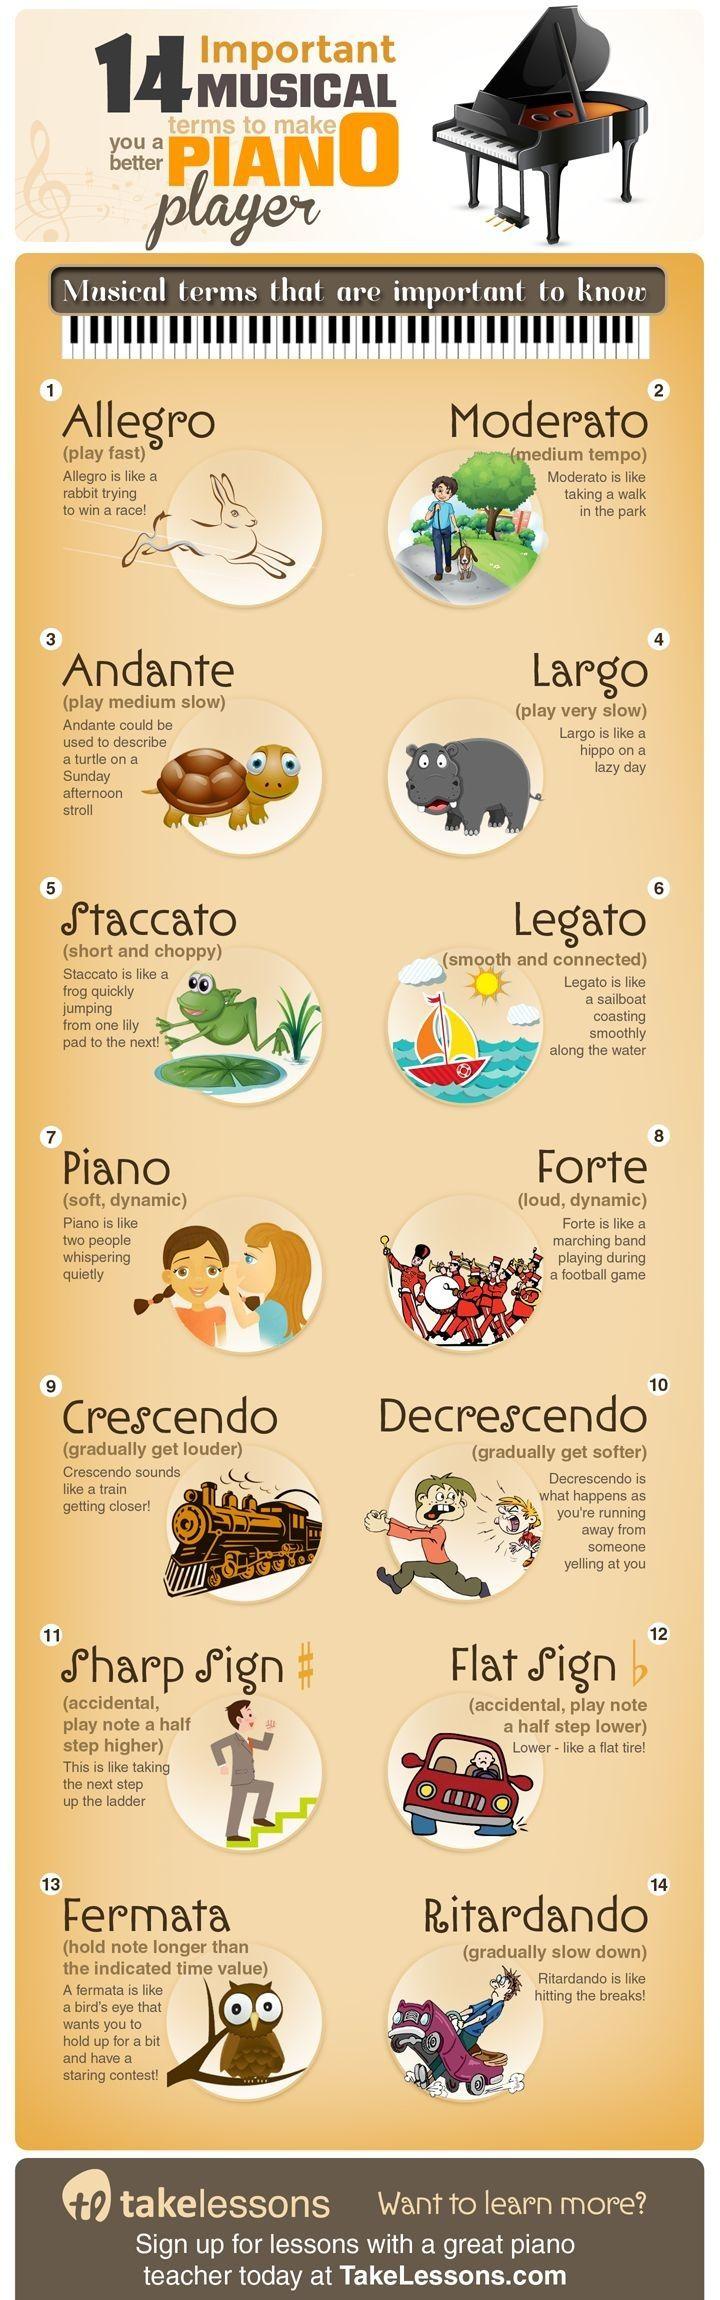 14 términos musicales que te harán mejor pianista (infografía) - Social Musik